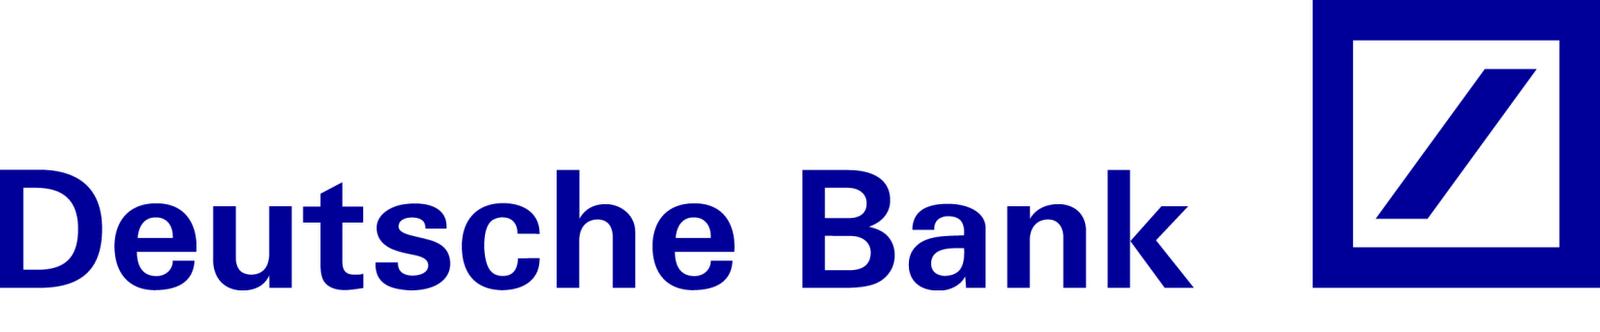 Deutsche Bank Logo Png (+).